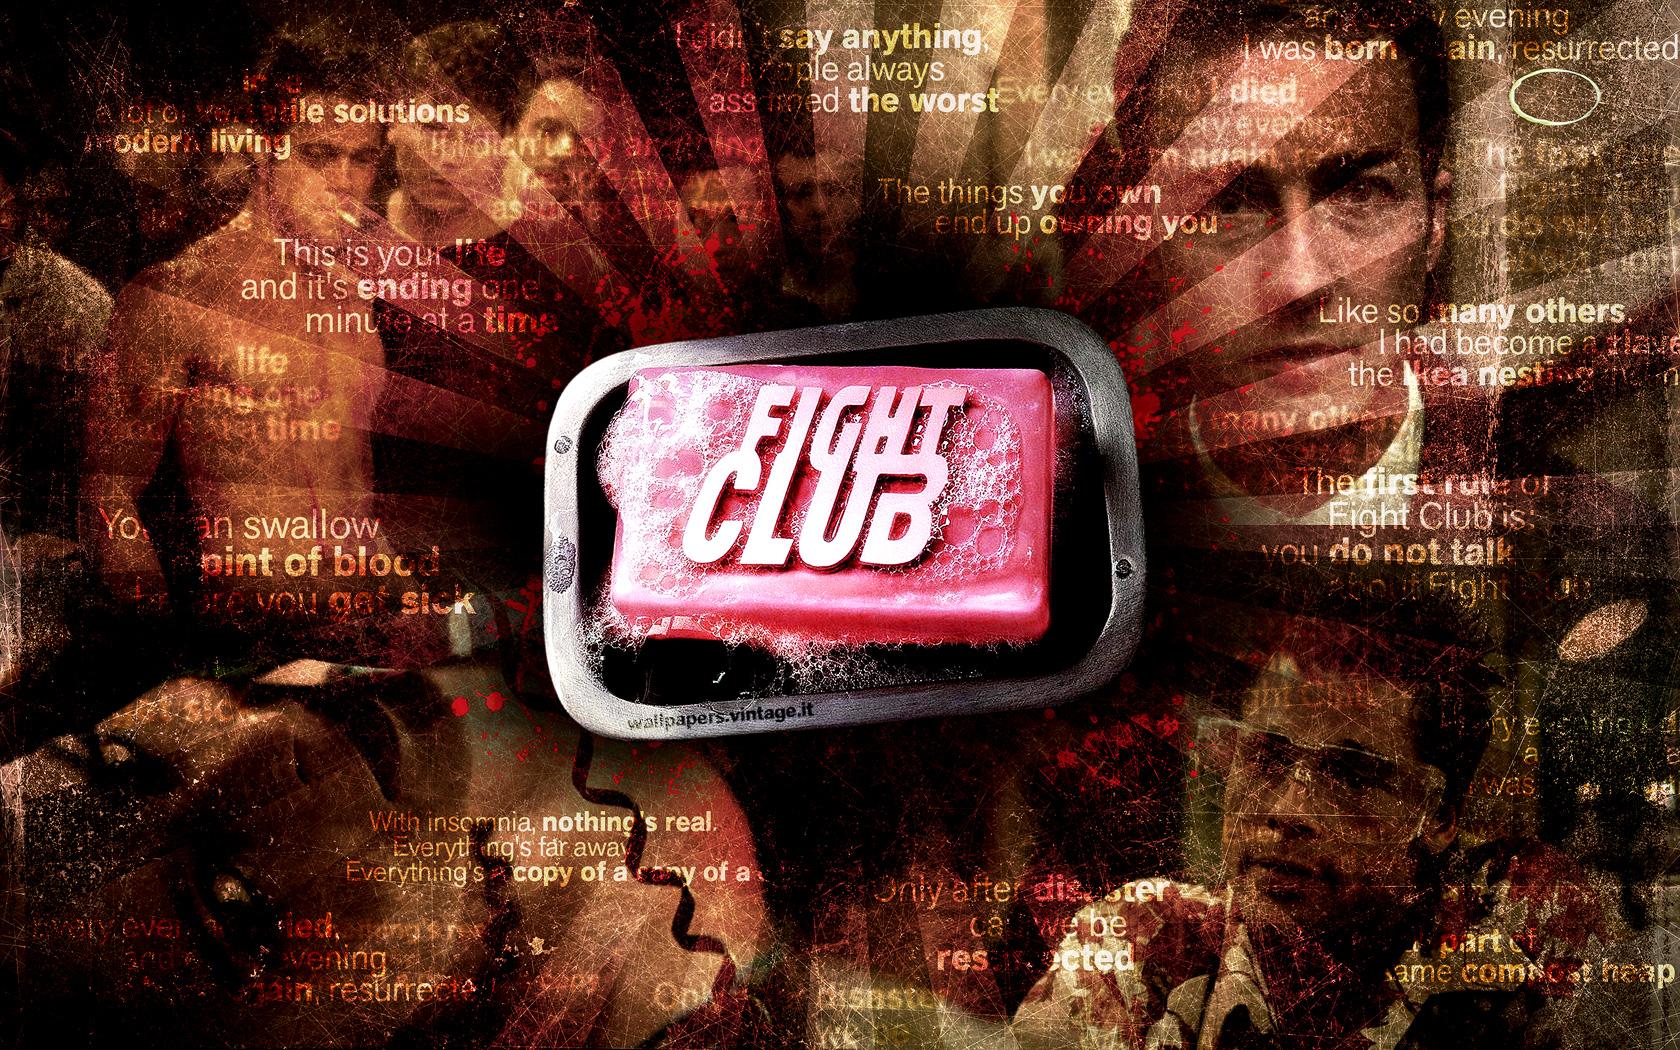 Fight Club wallpaper - Free Desktop HD iPad iPhone wallpapers Tylerdurden